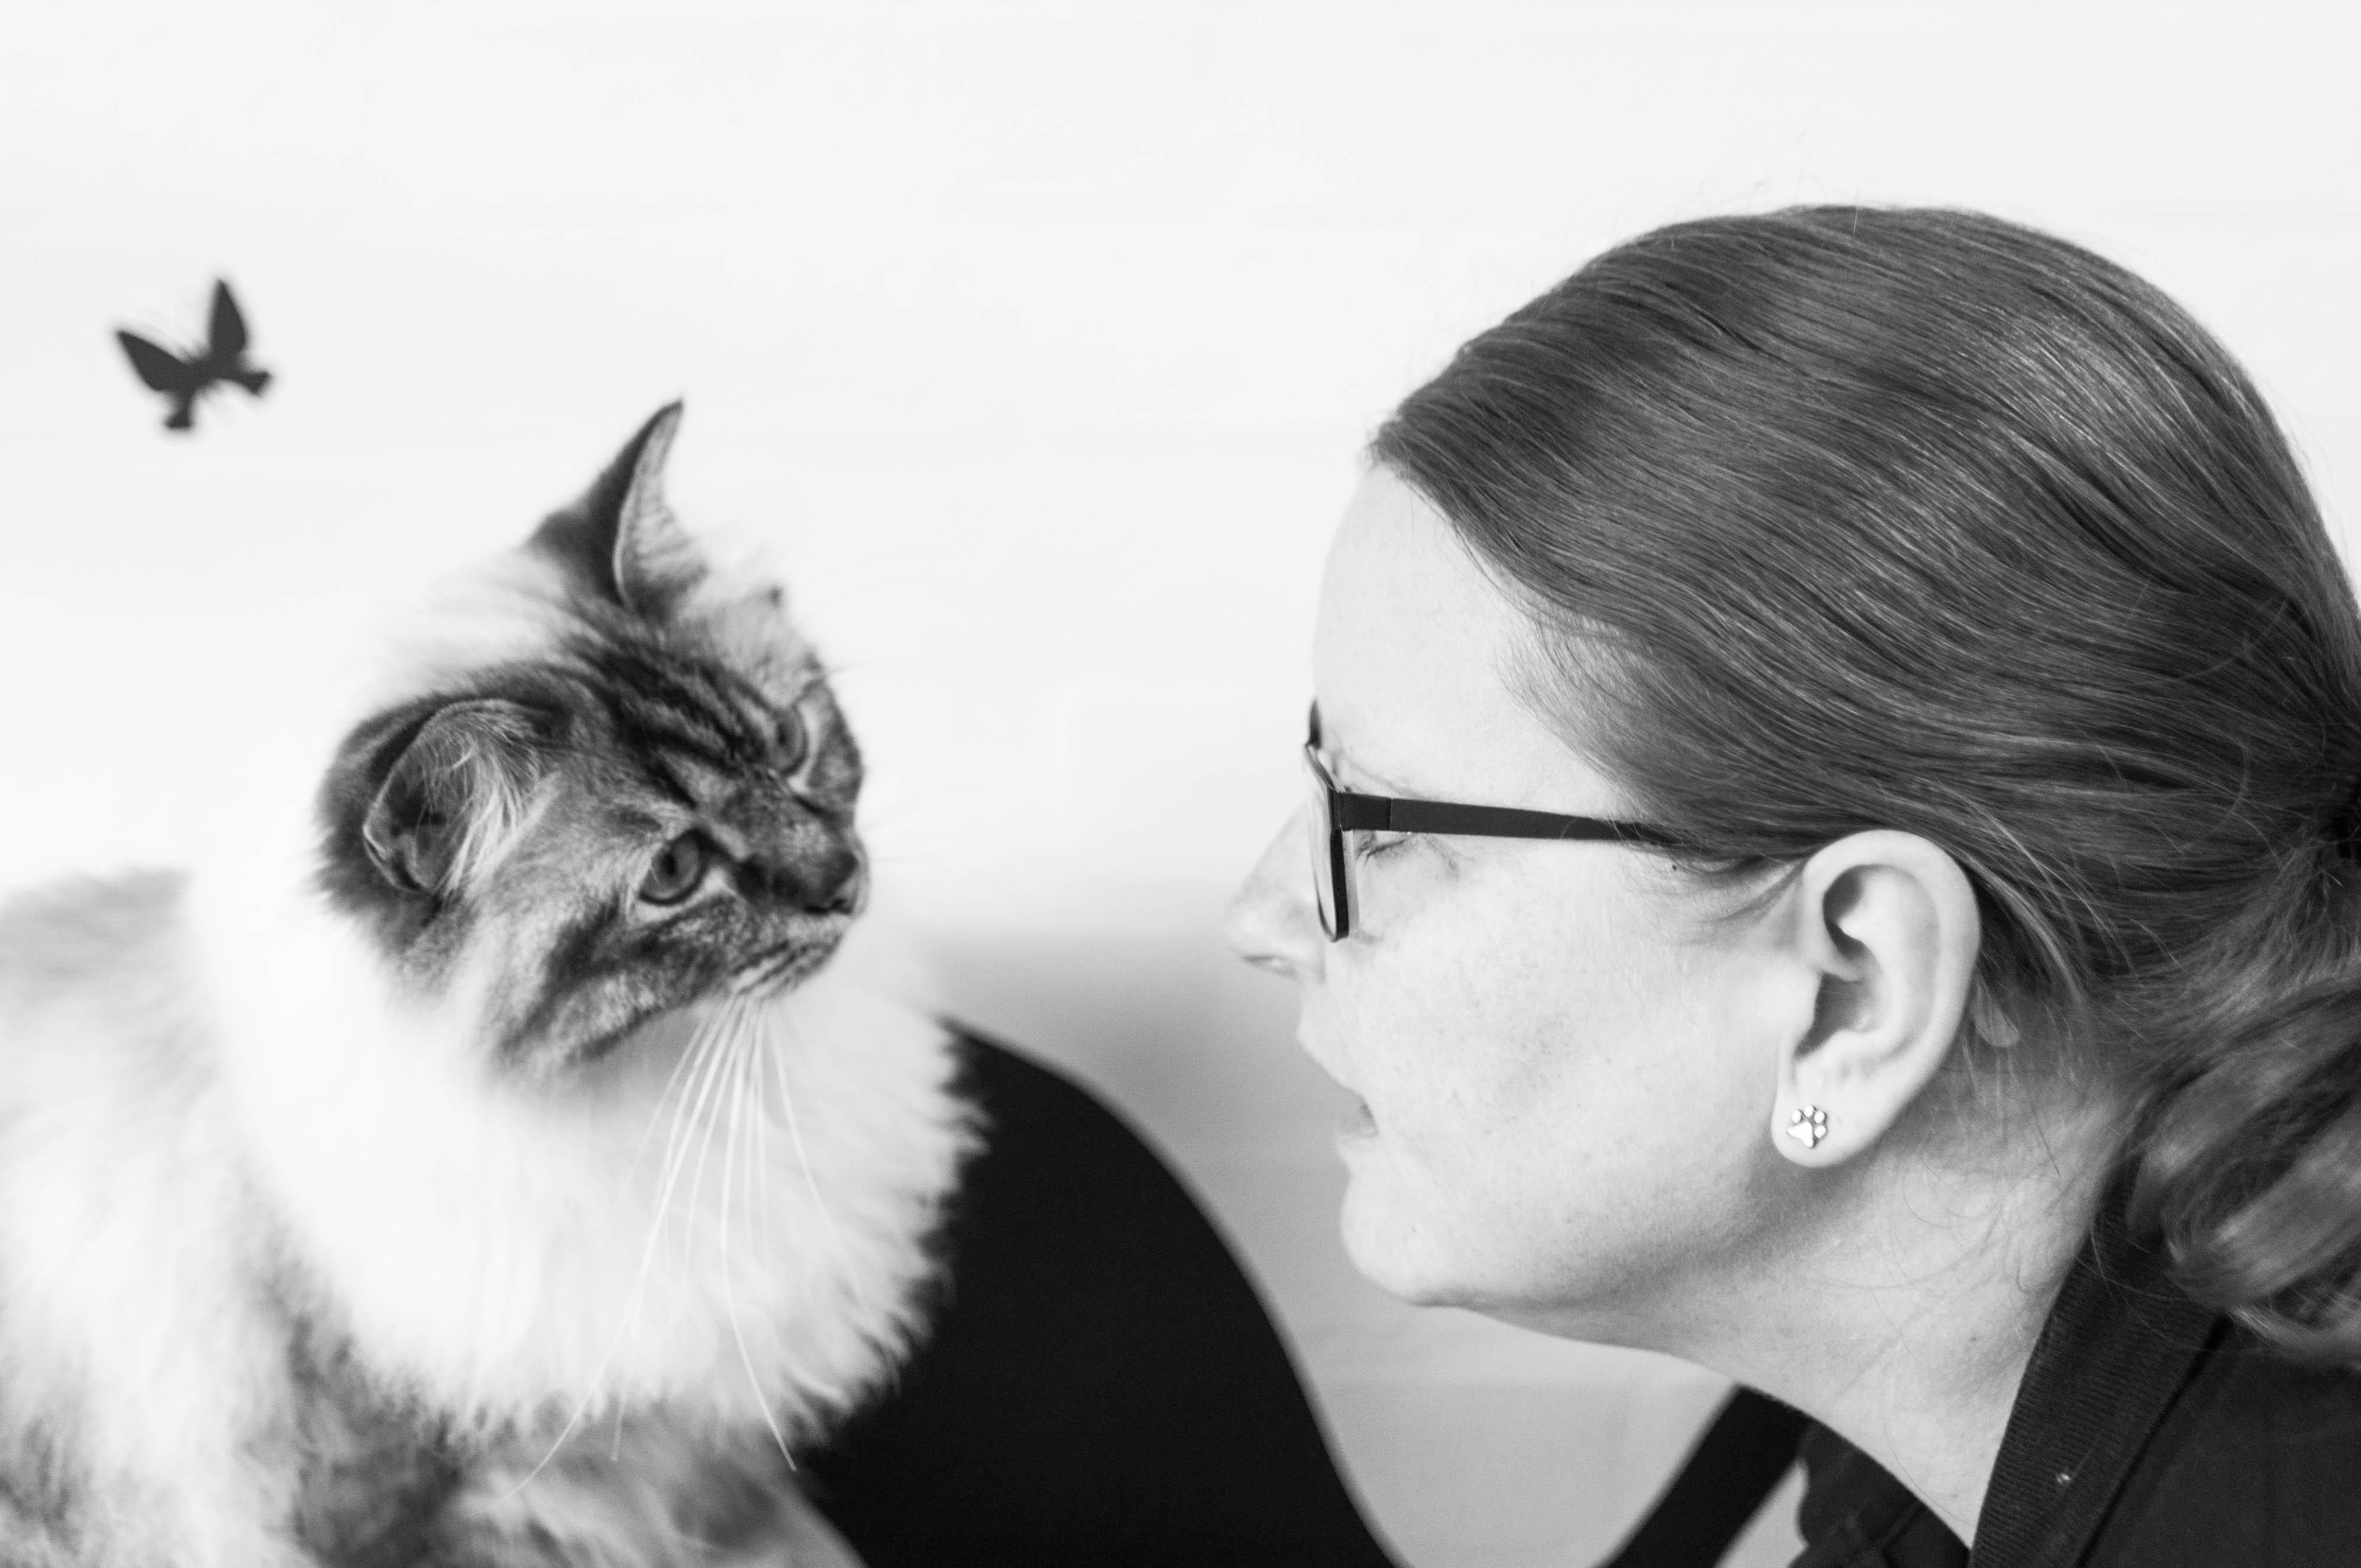 DyrlægeRingen anvender udelukkende autoriserede veterinærsygeplejersker